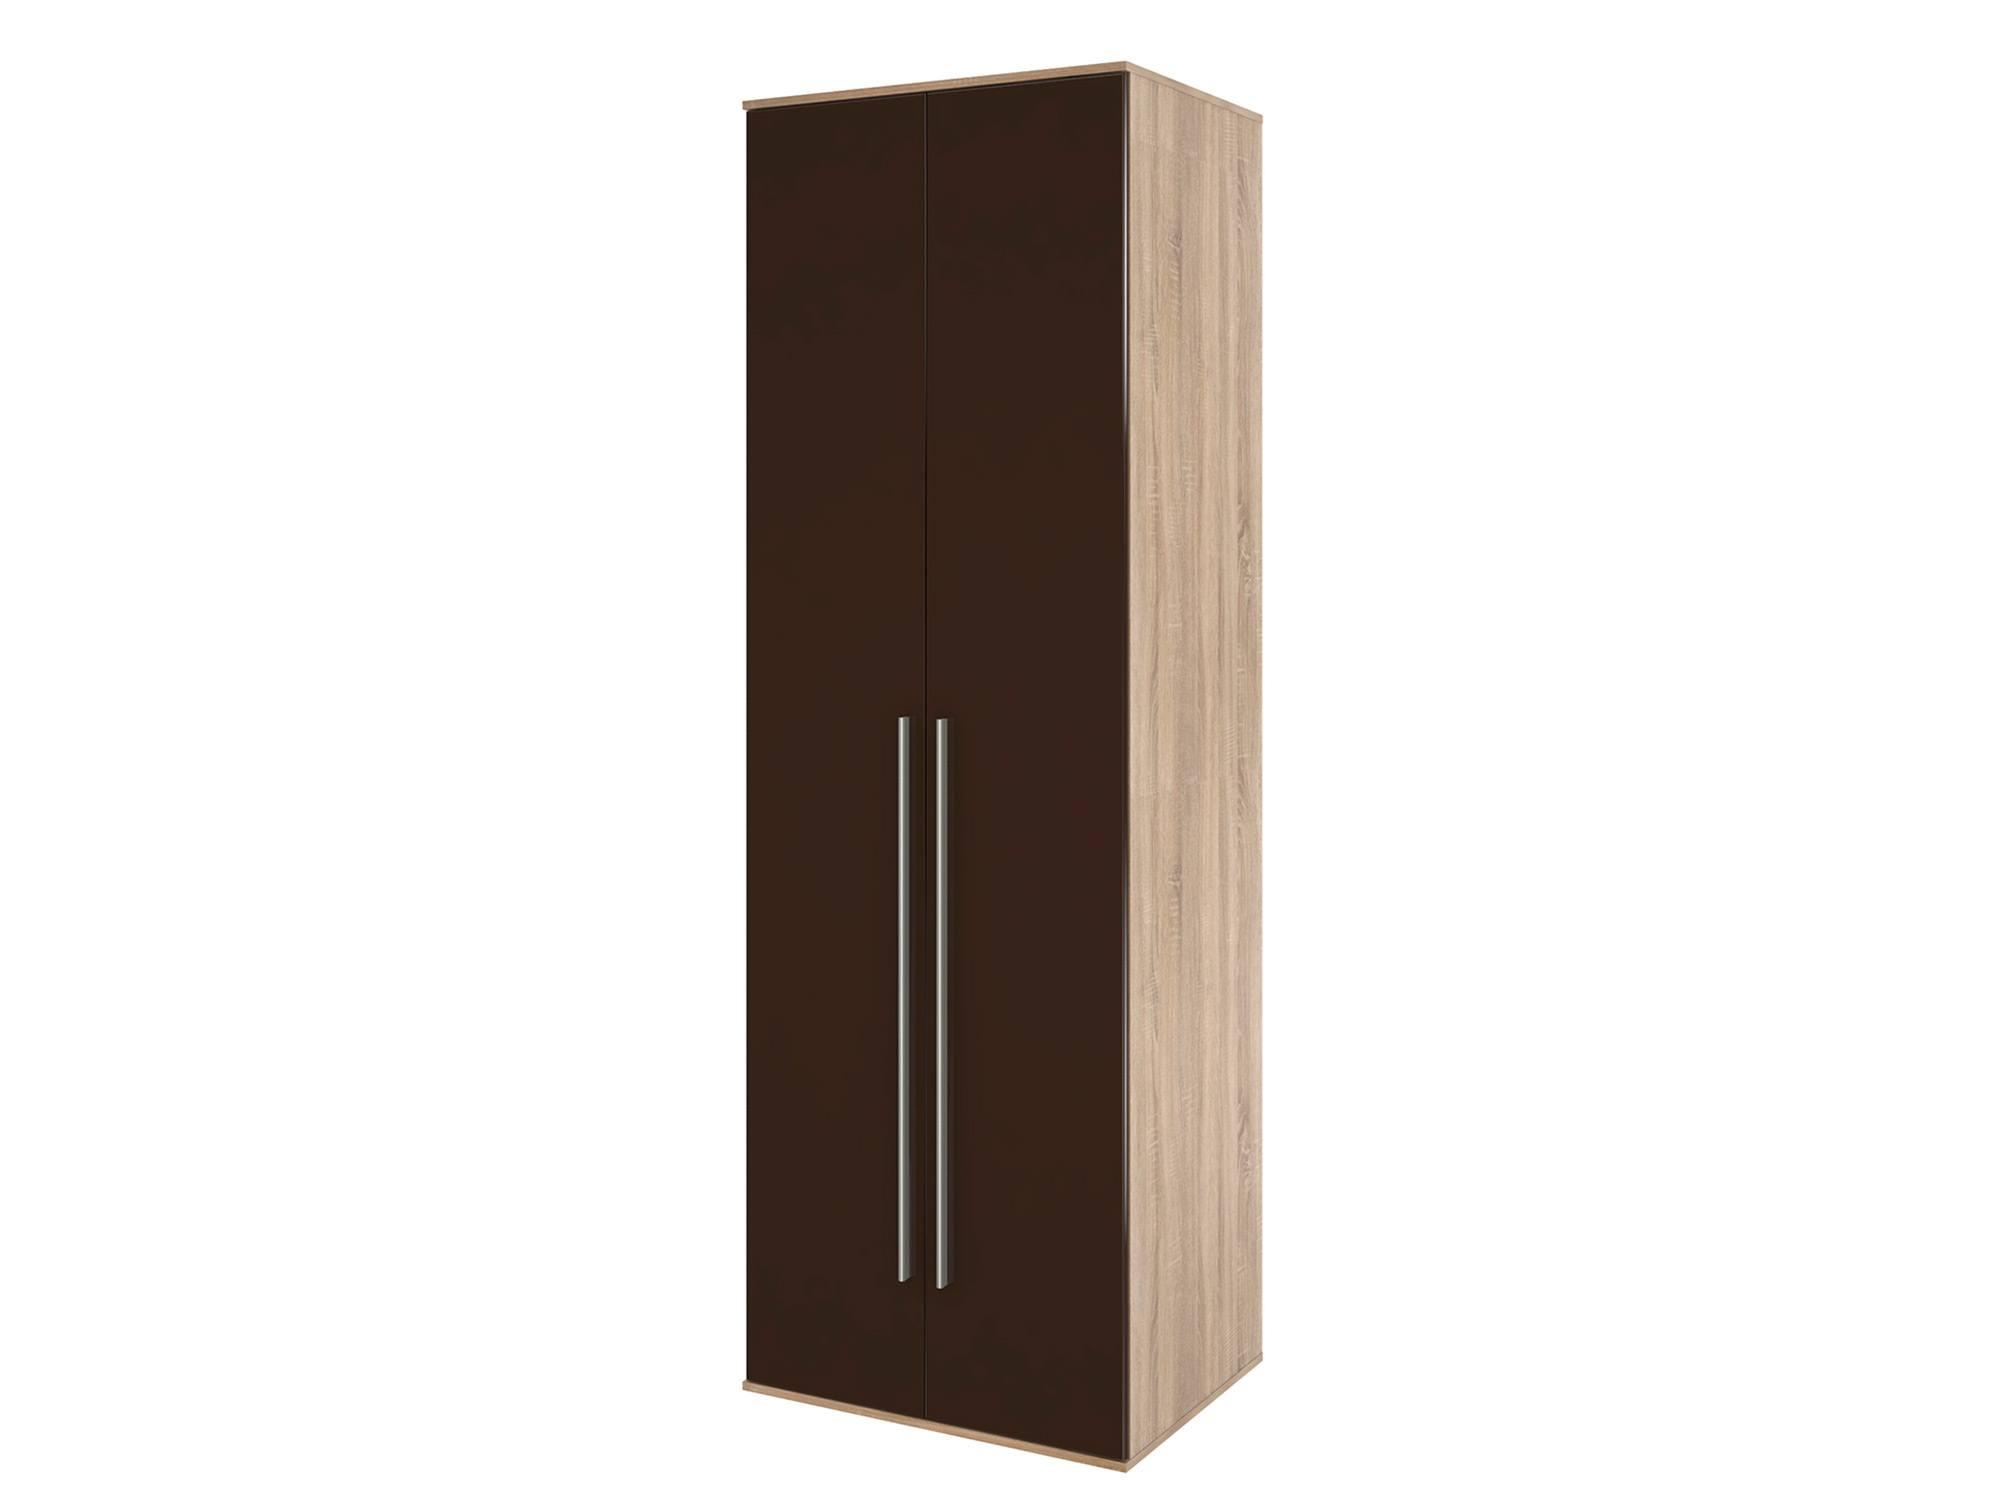 Шкаф с полками Ирма шкаф с полками дсп и зеркальной дверью орион